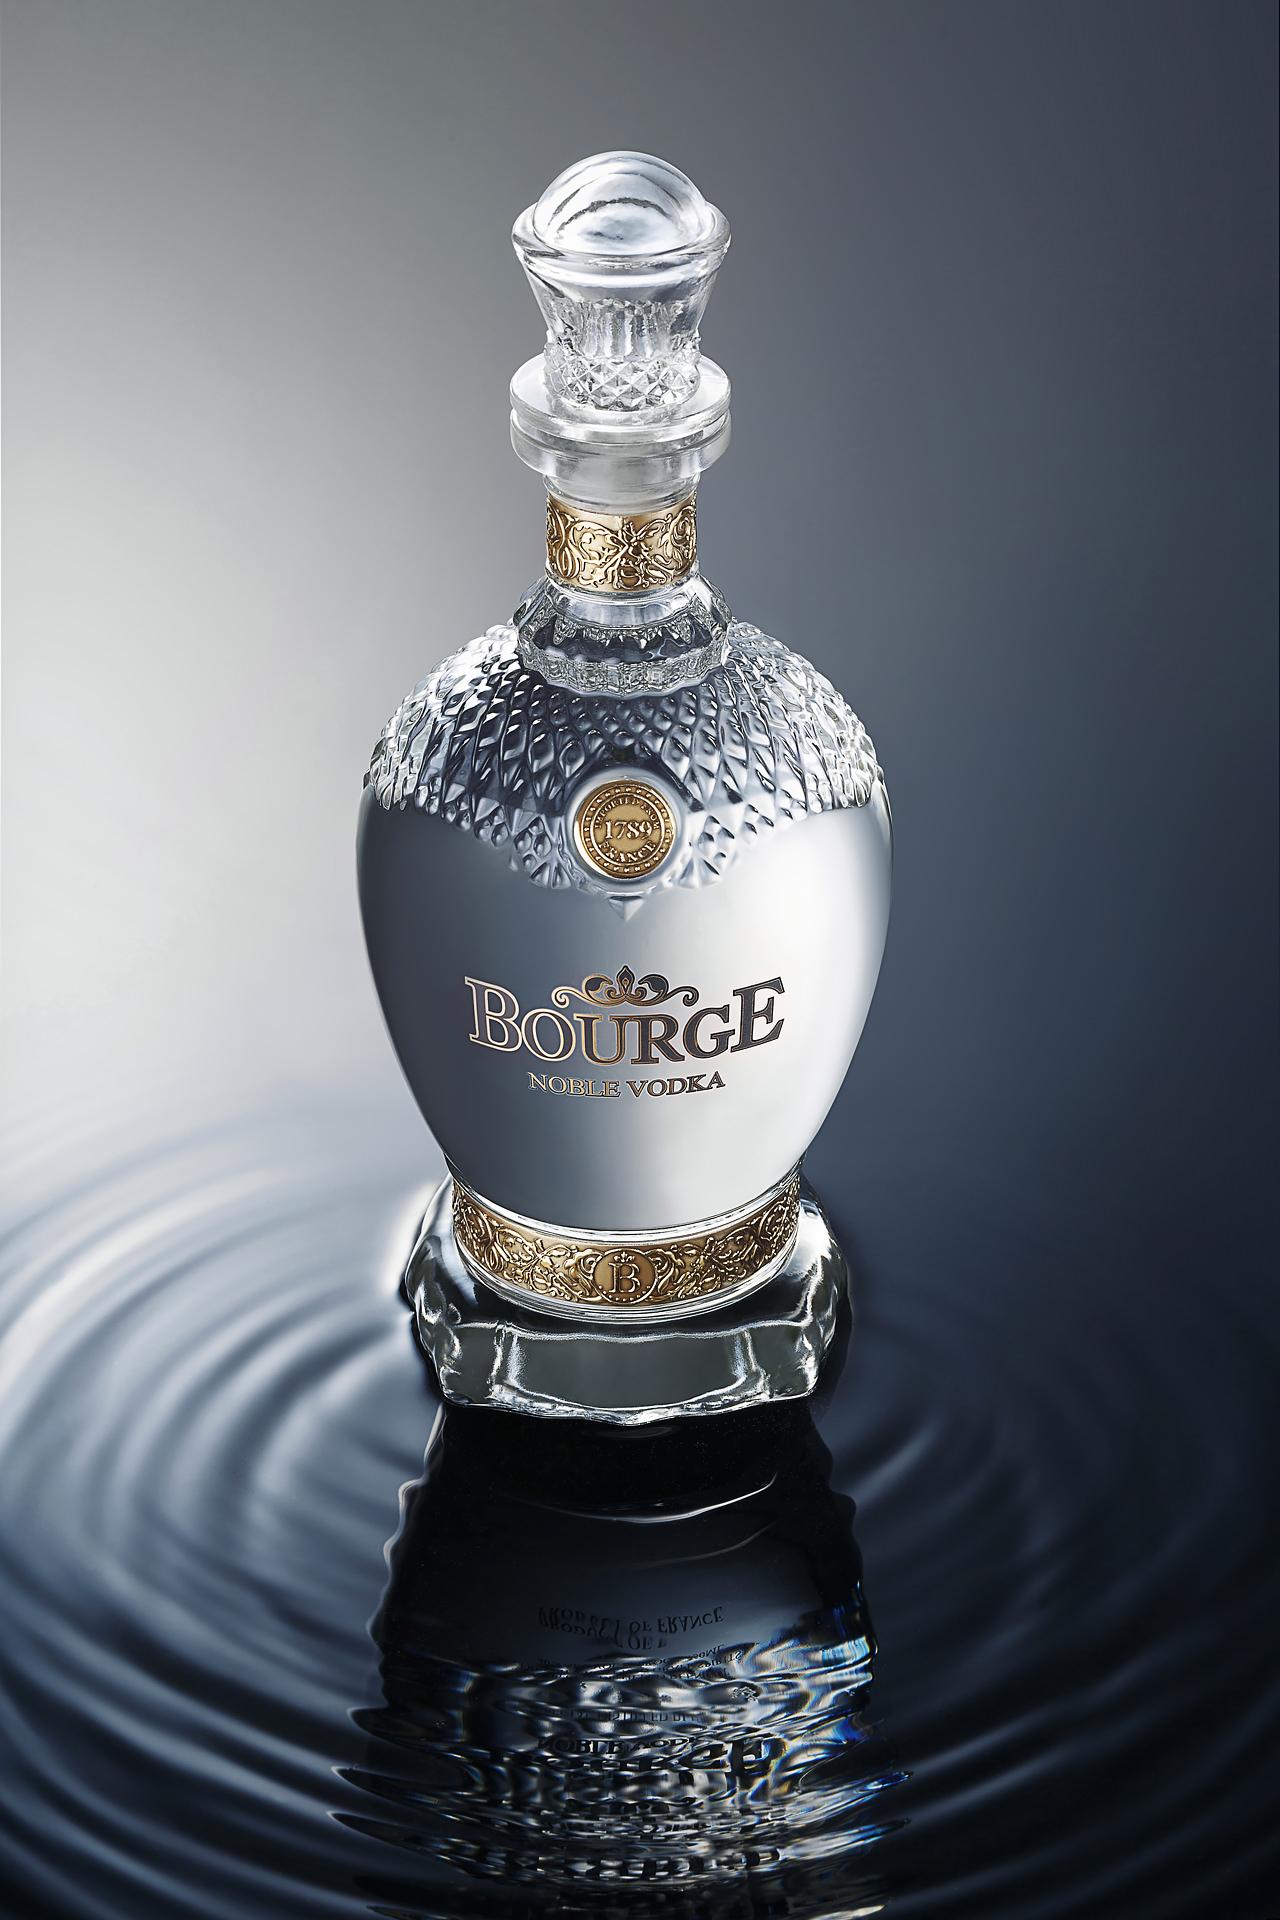 Bourge-vodka